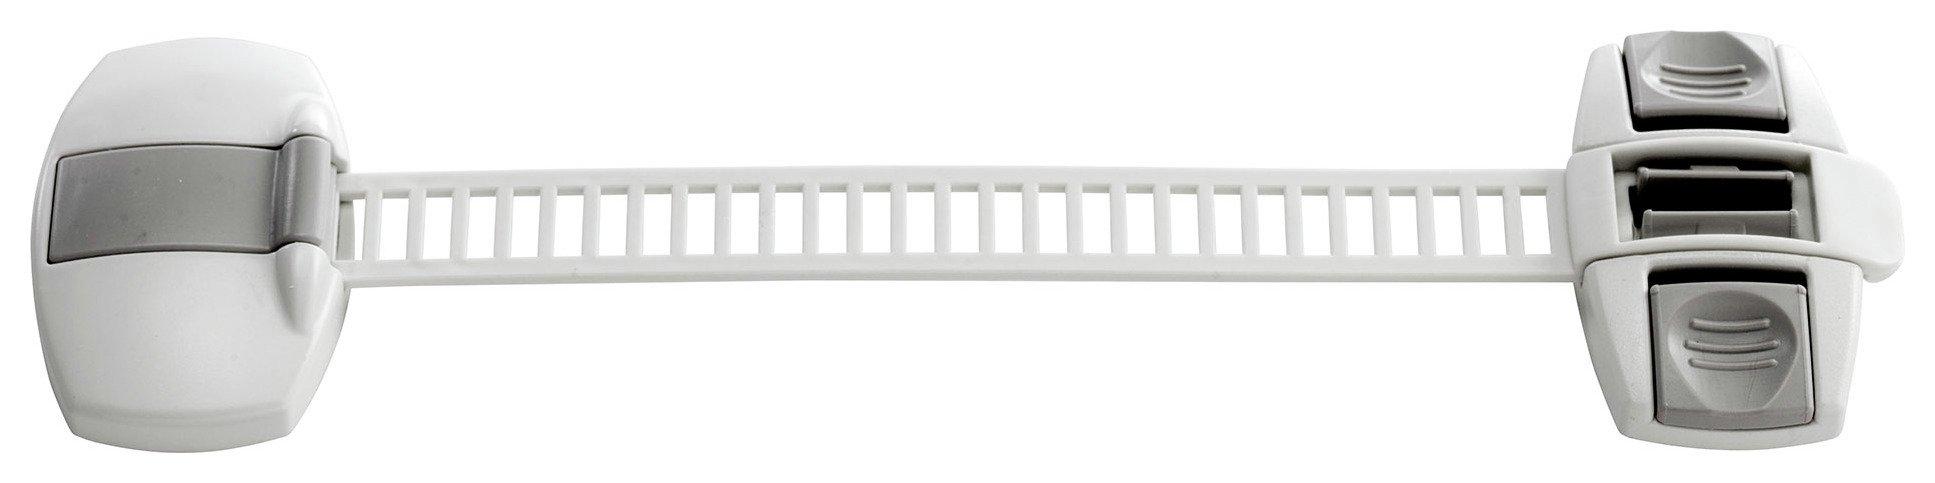 Image of BabyDan - Multi Purpose Lock - 2 Pack